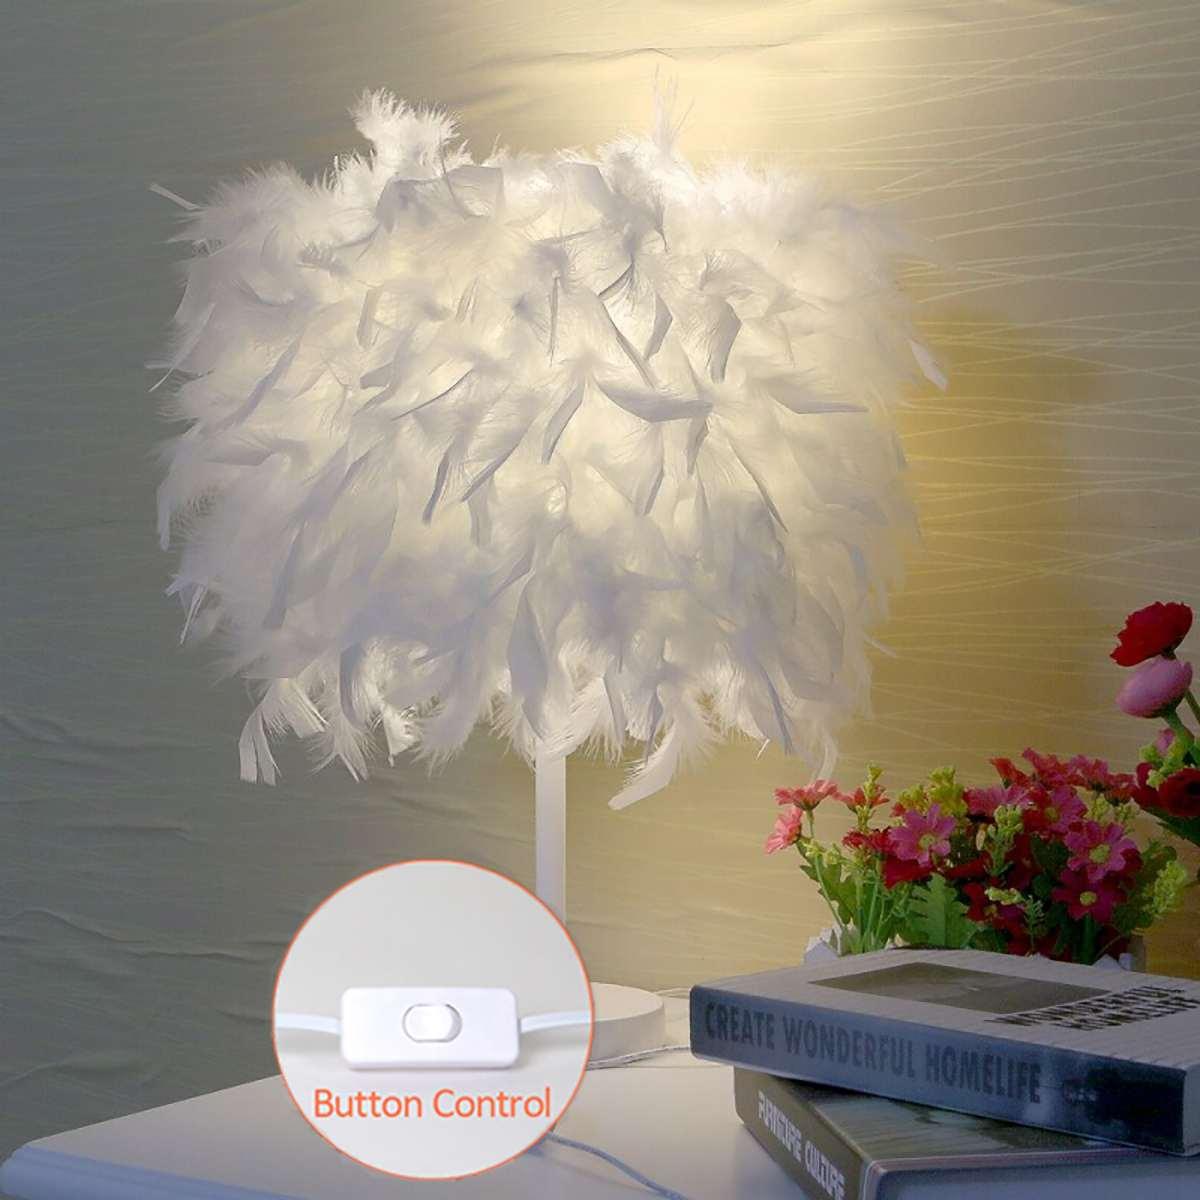 أوزة ريشة مصابيح طاولة توفيرية أباجورة الحديثة لغرفة المعيشة غرفة نوم الزفاف رومانسية الديكور رومانسية ريشة مصباح E27